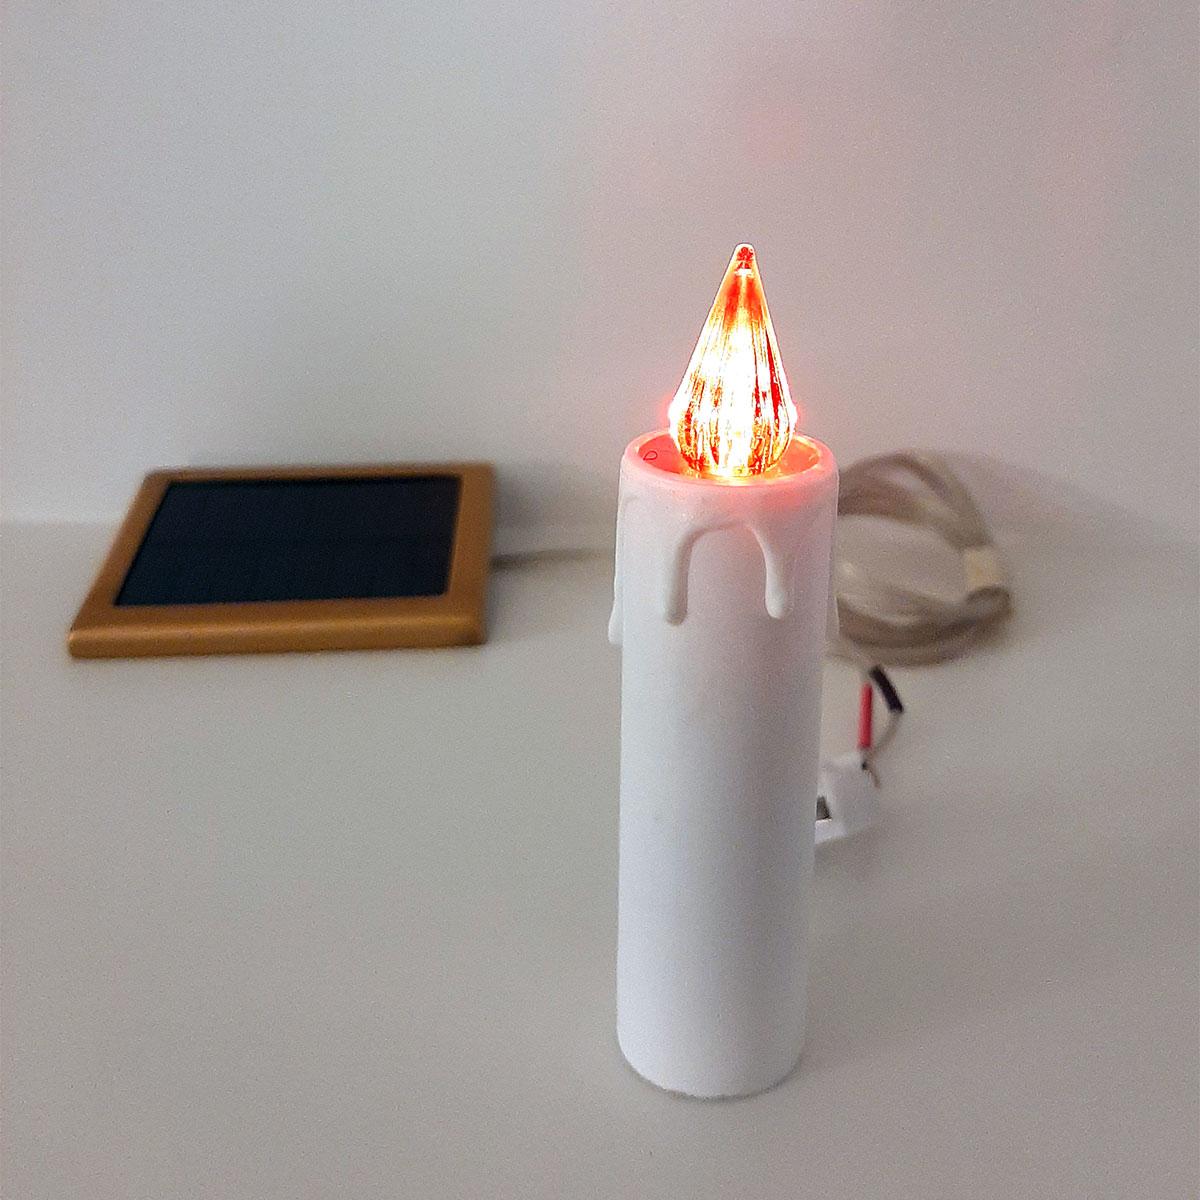 Lumino votivo a pannello solare